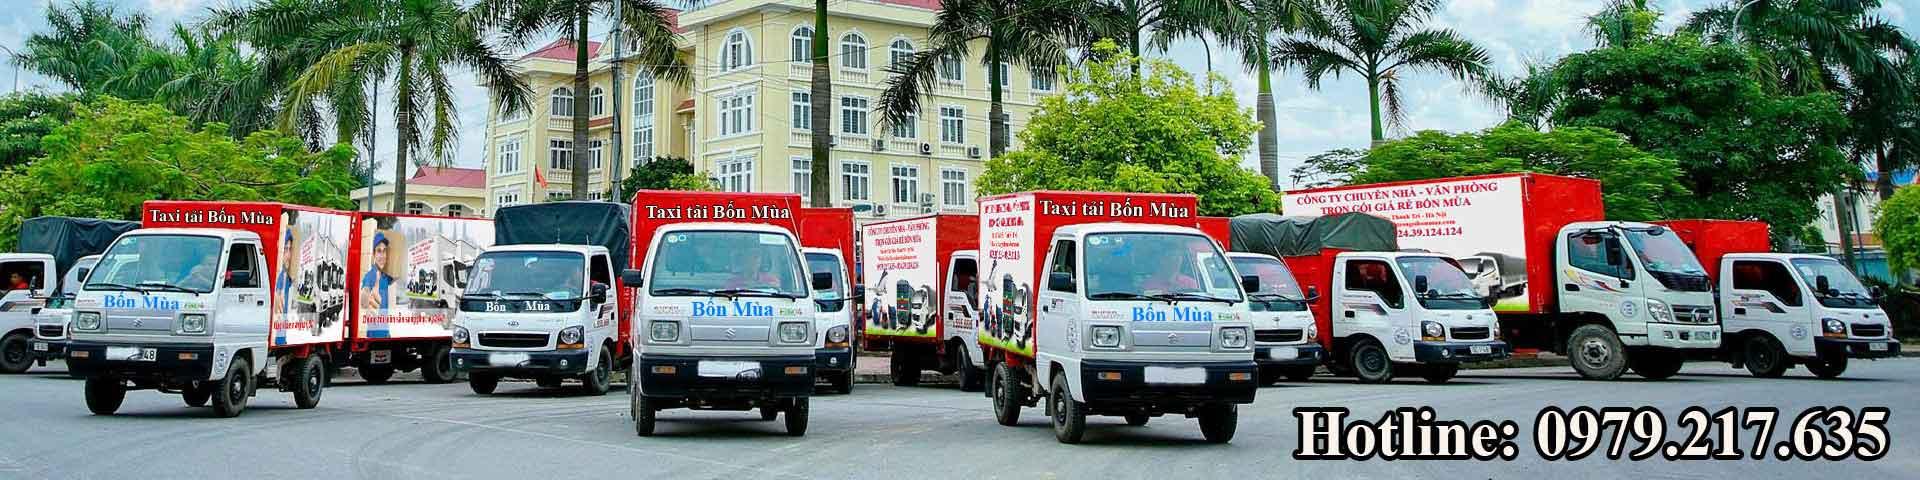 side dịch vụ chuyển nhà bốn mùa